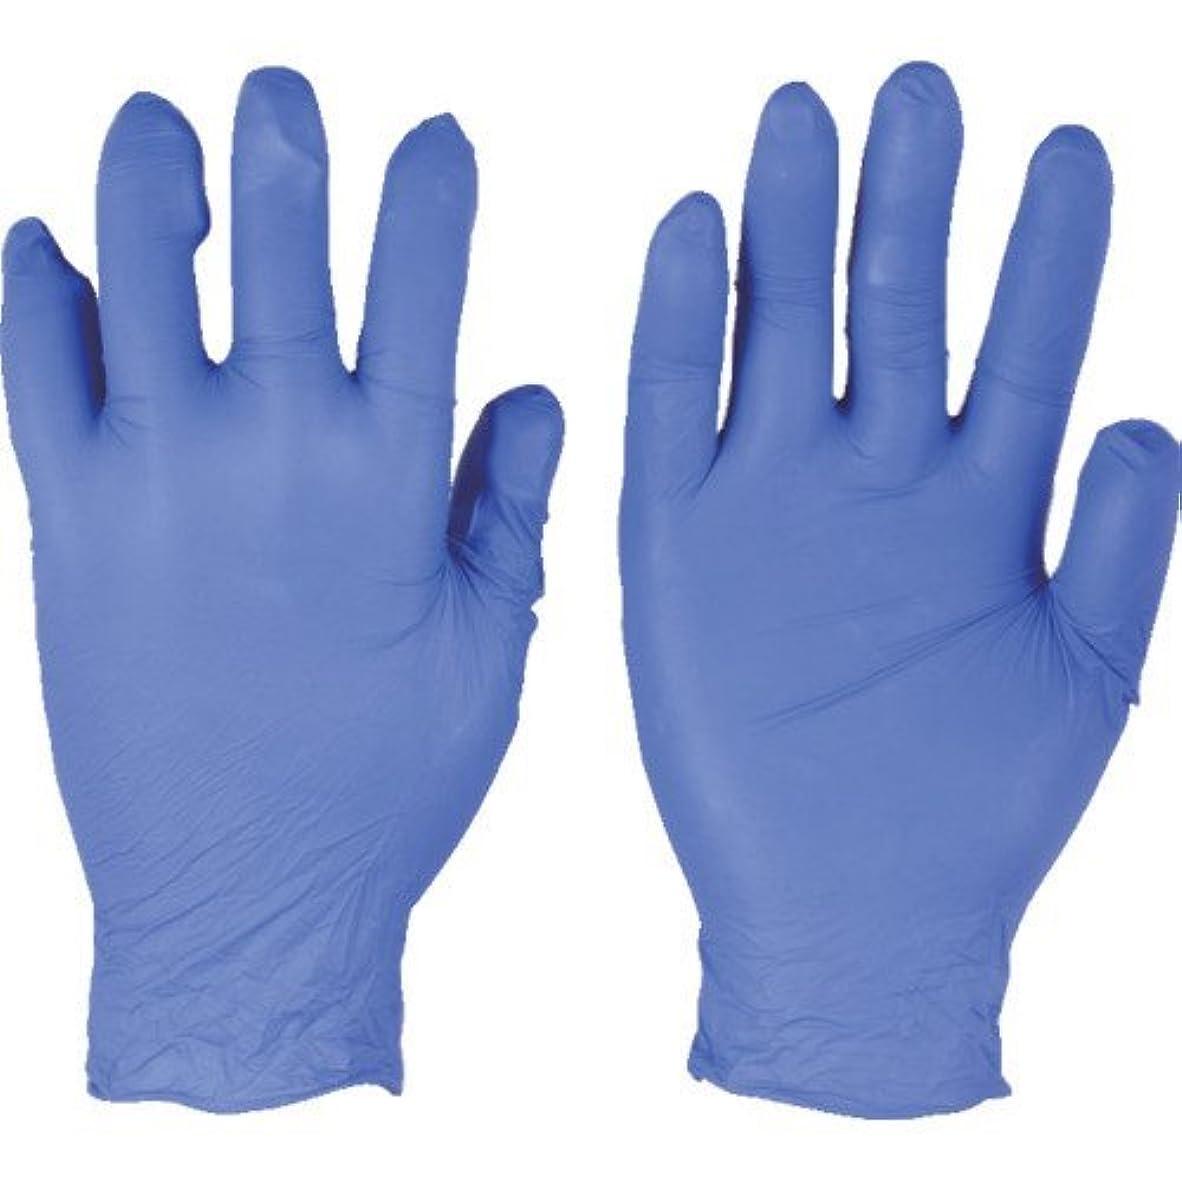 誰がおしゃれな計画トラスコ中山 アンセル ニトリルゴム使い捨て手袋 エッジ 82-133 Lサイズ(300枚入り)  (300枚入) 821339